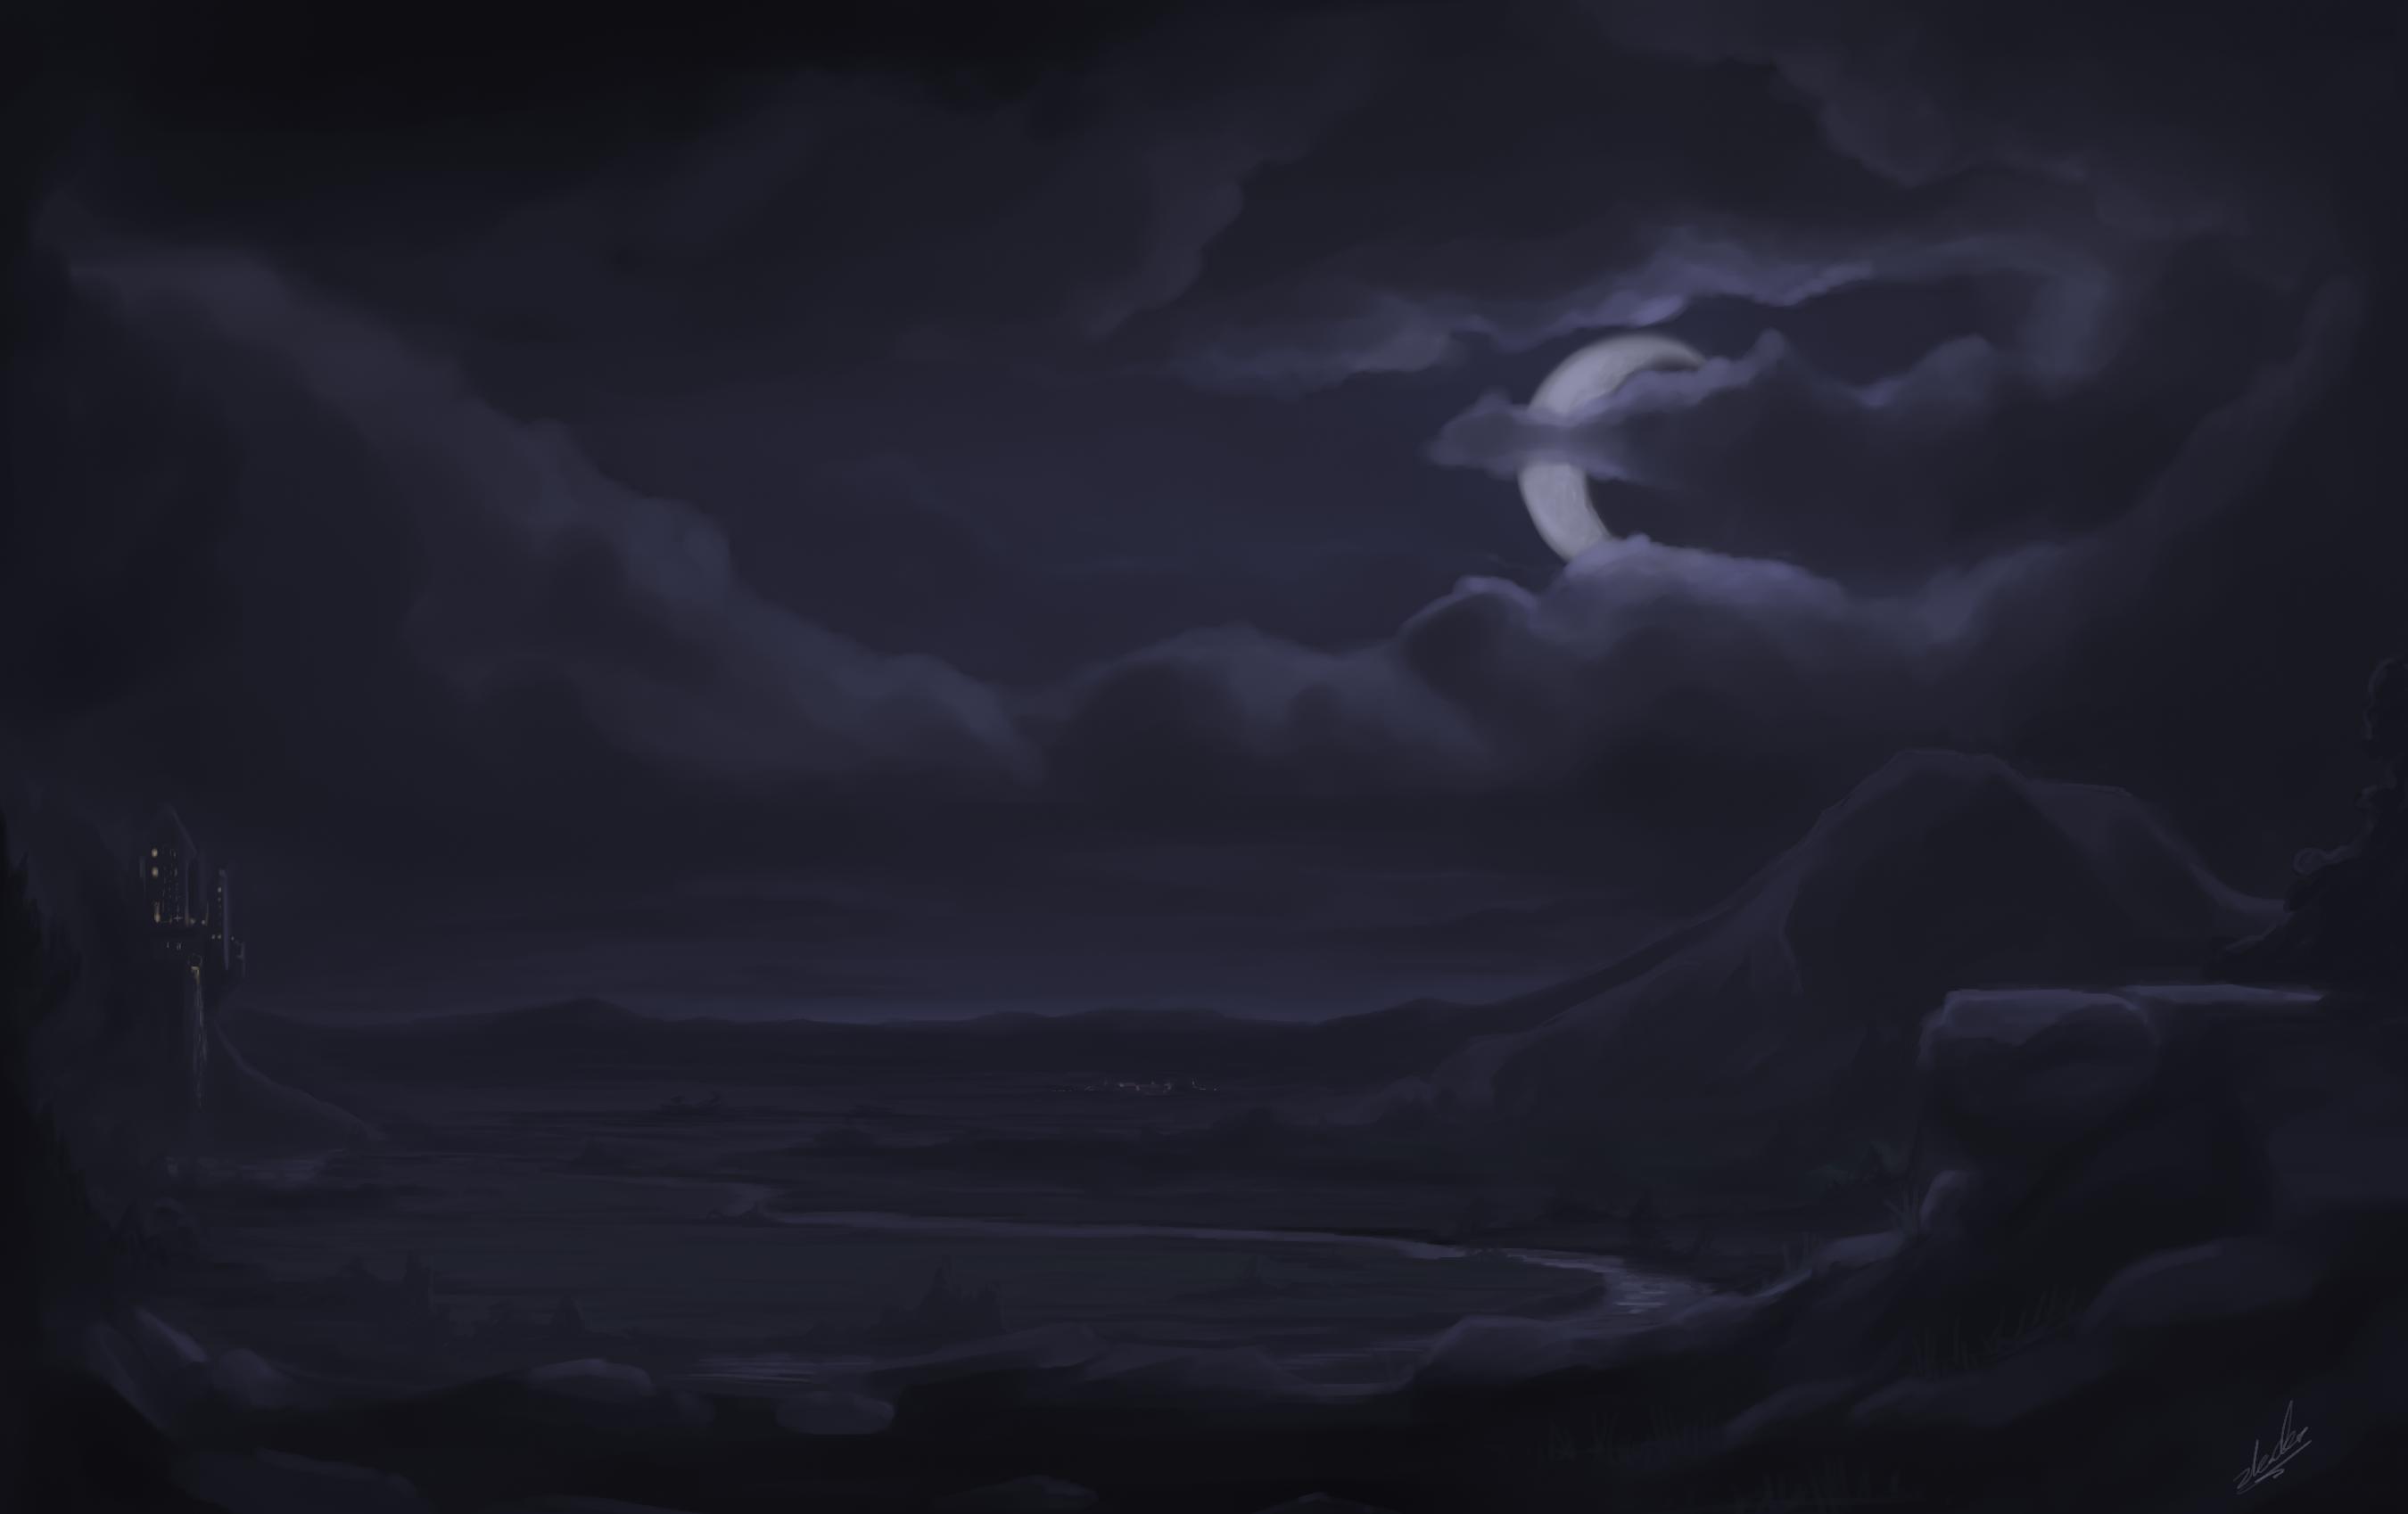 Practice - Generic Landscape by zlack3r